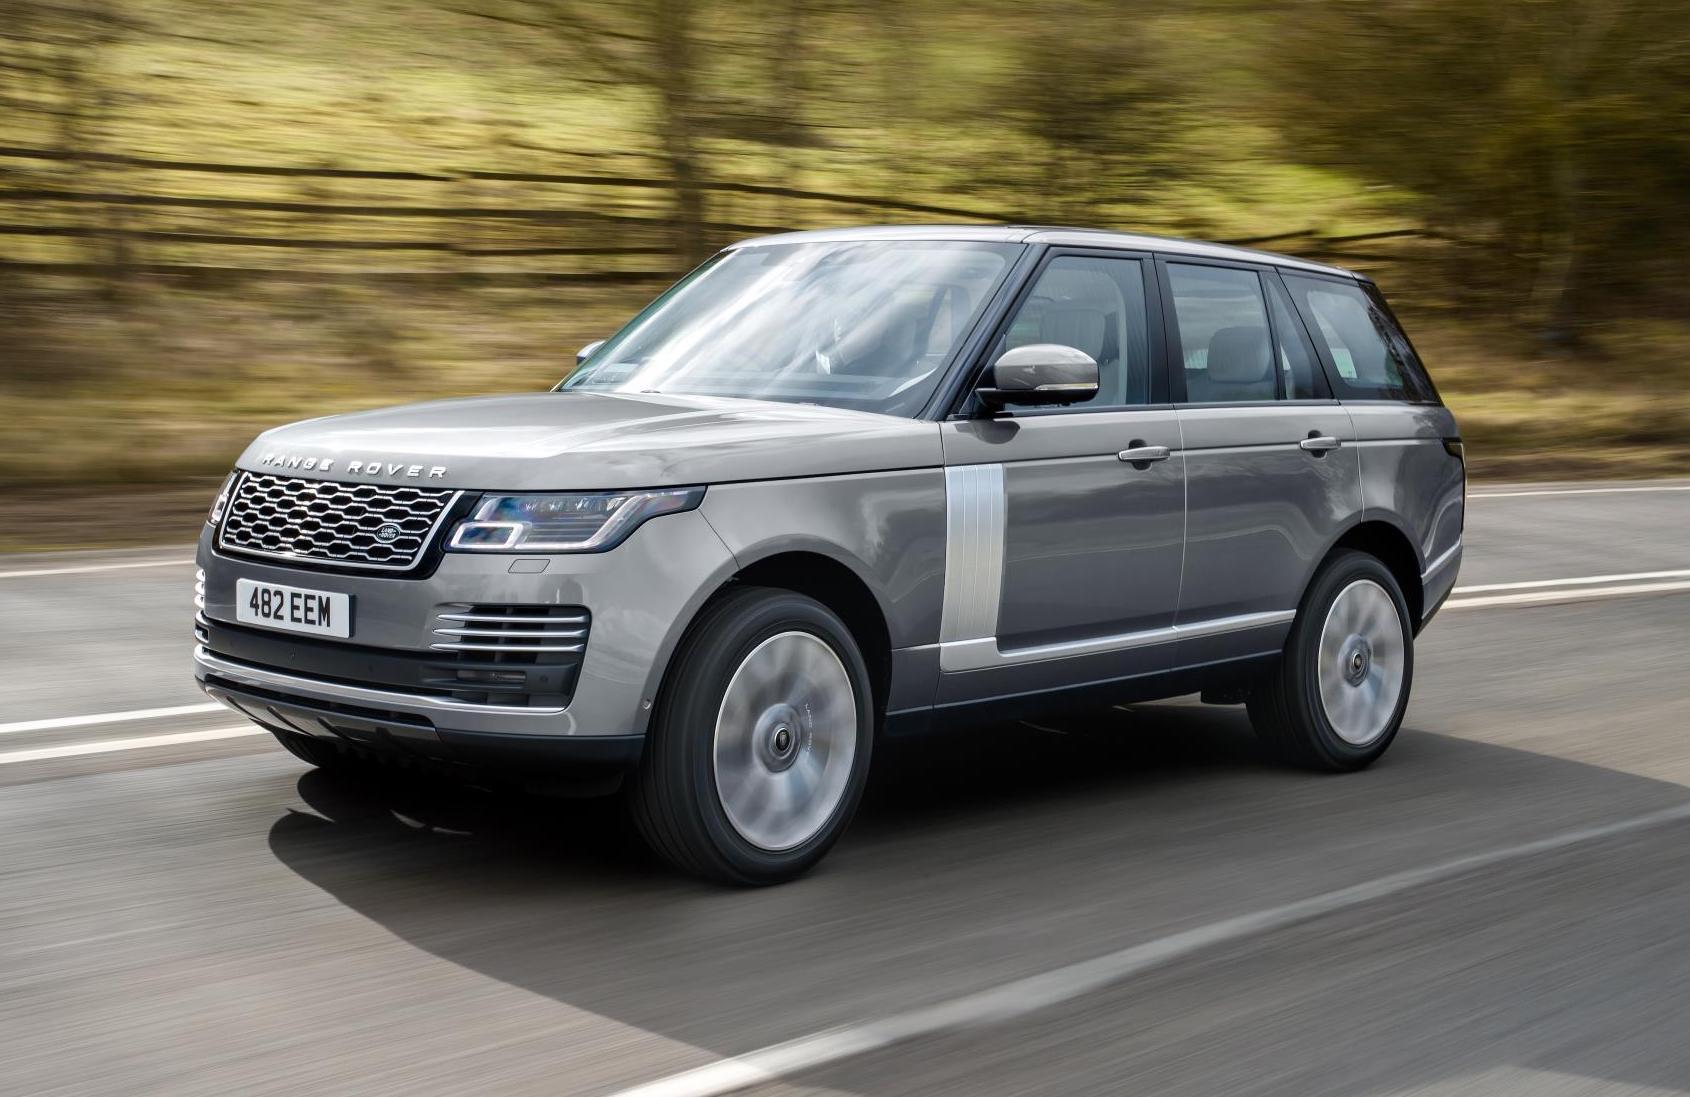 MY2020 Range Rover gets mild-hybrid tech, inline-6 power